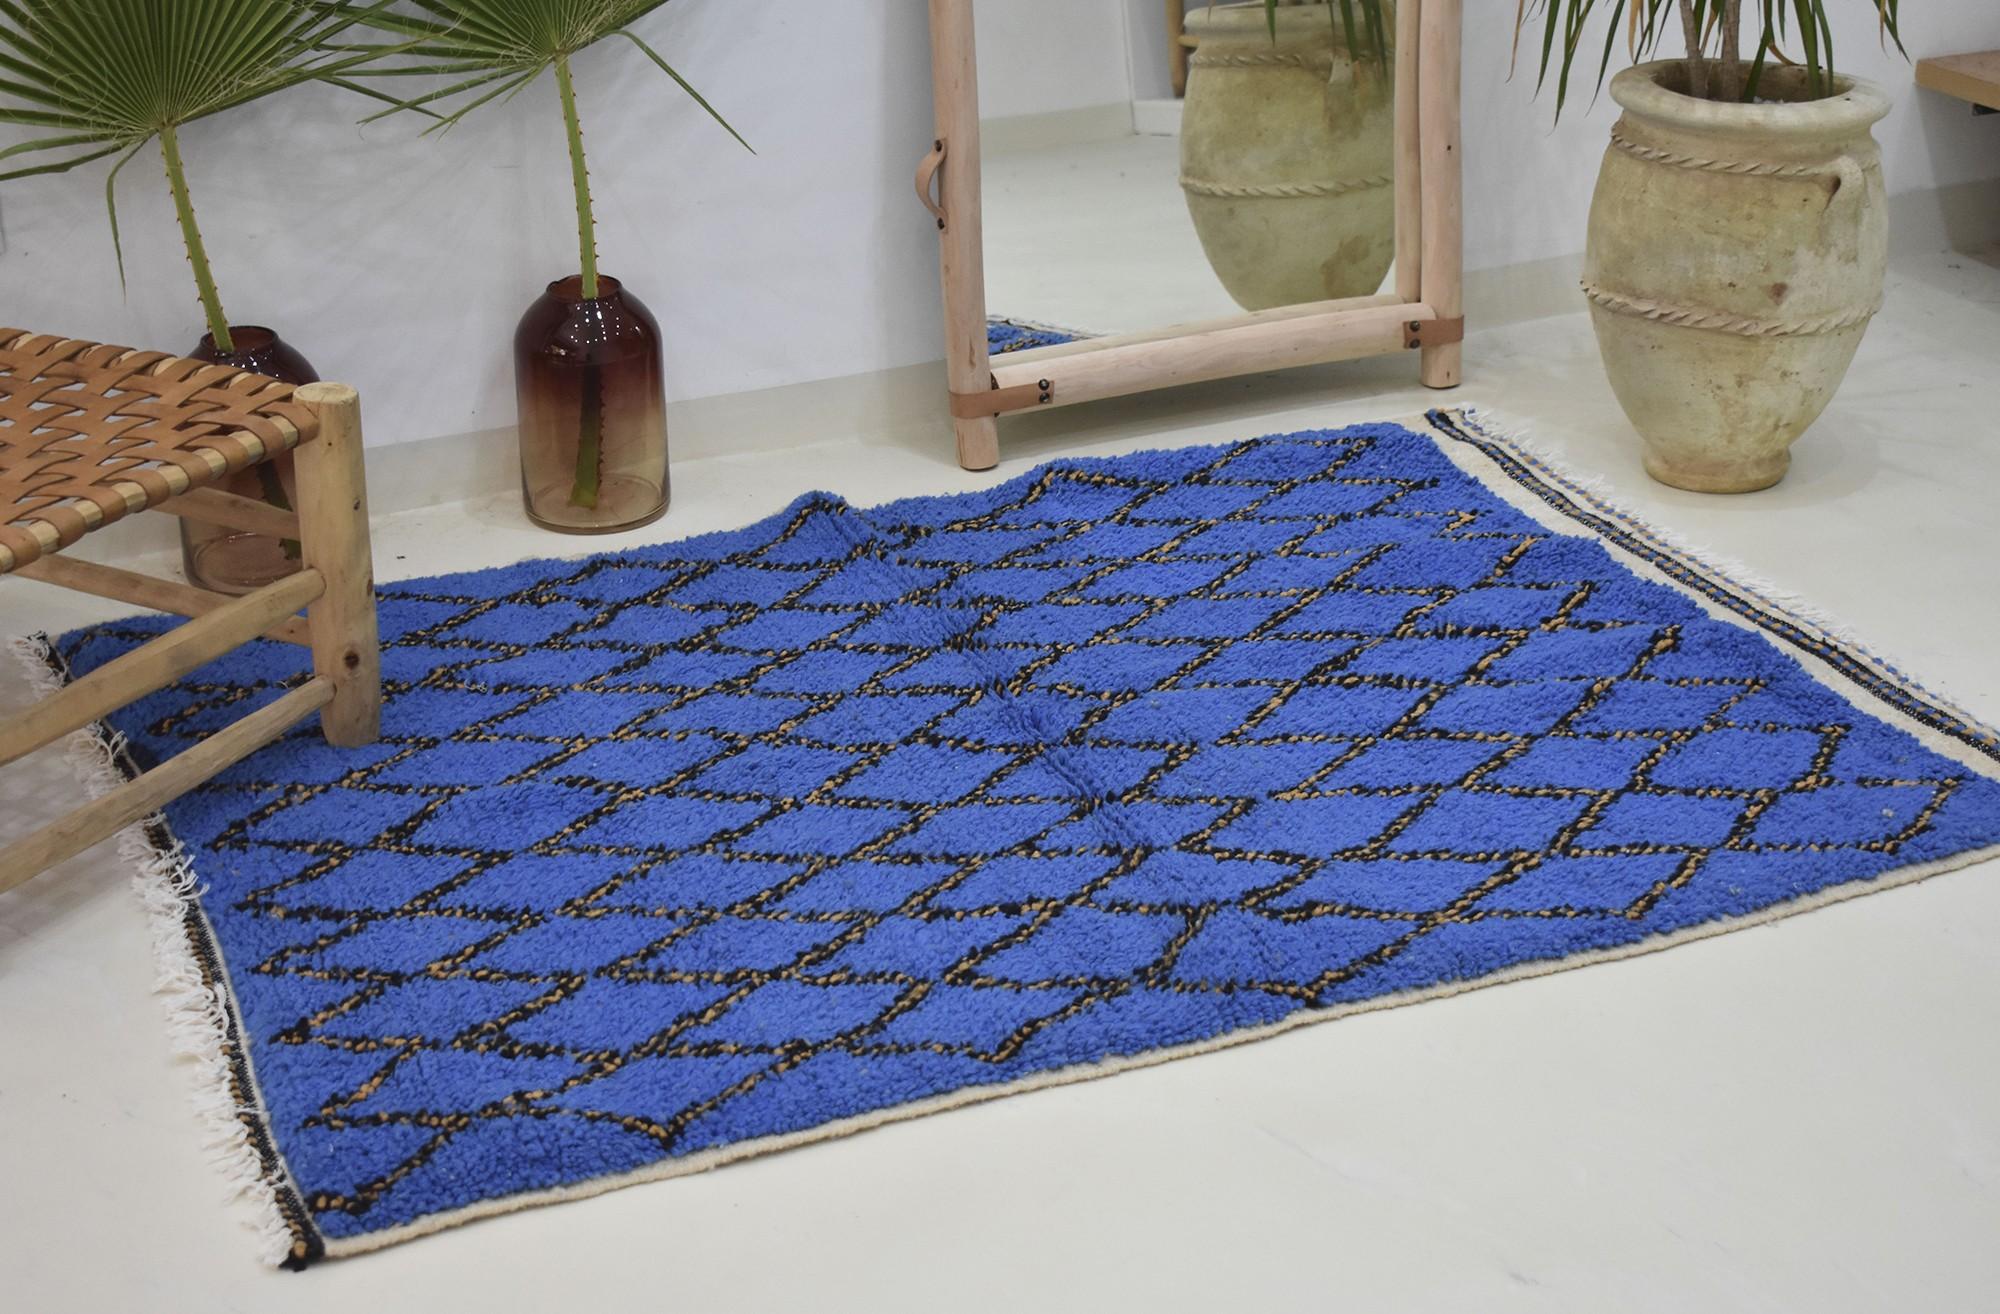 Tapis berbere bleu jaune